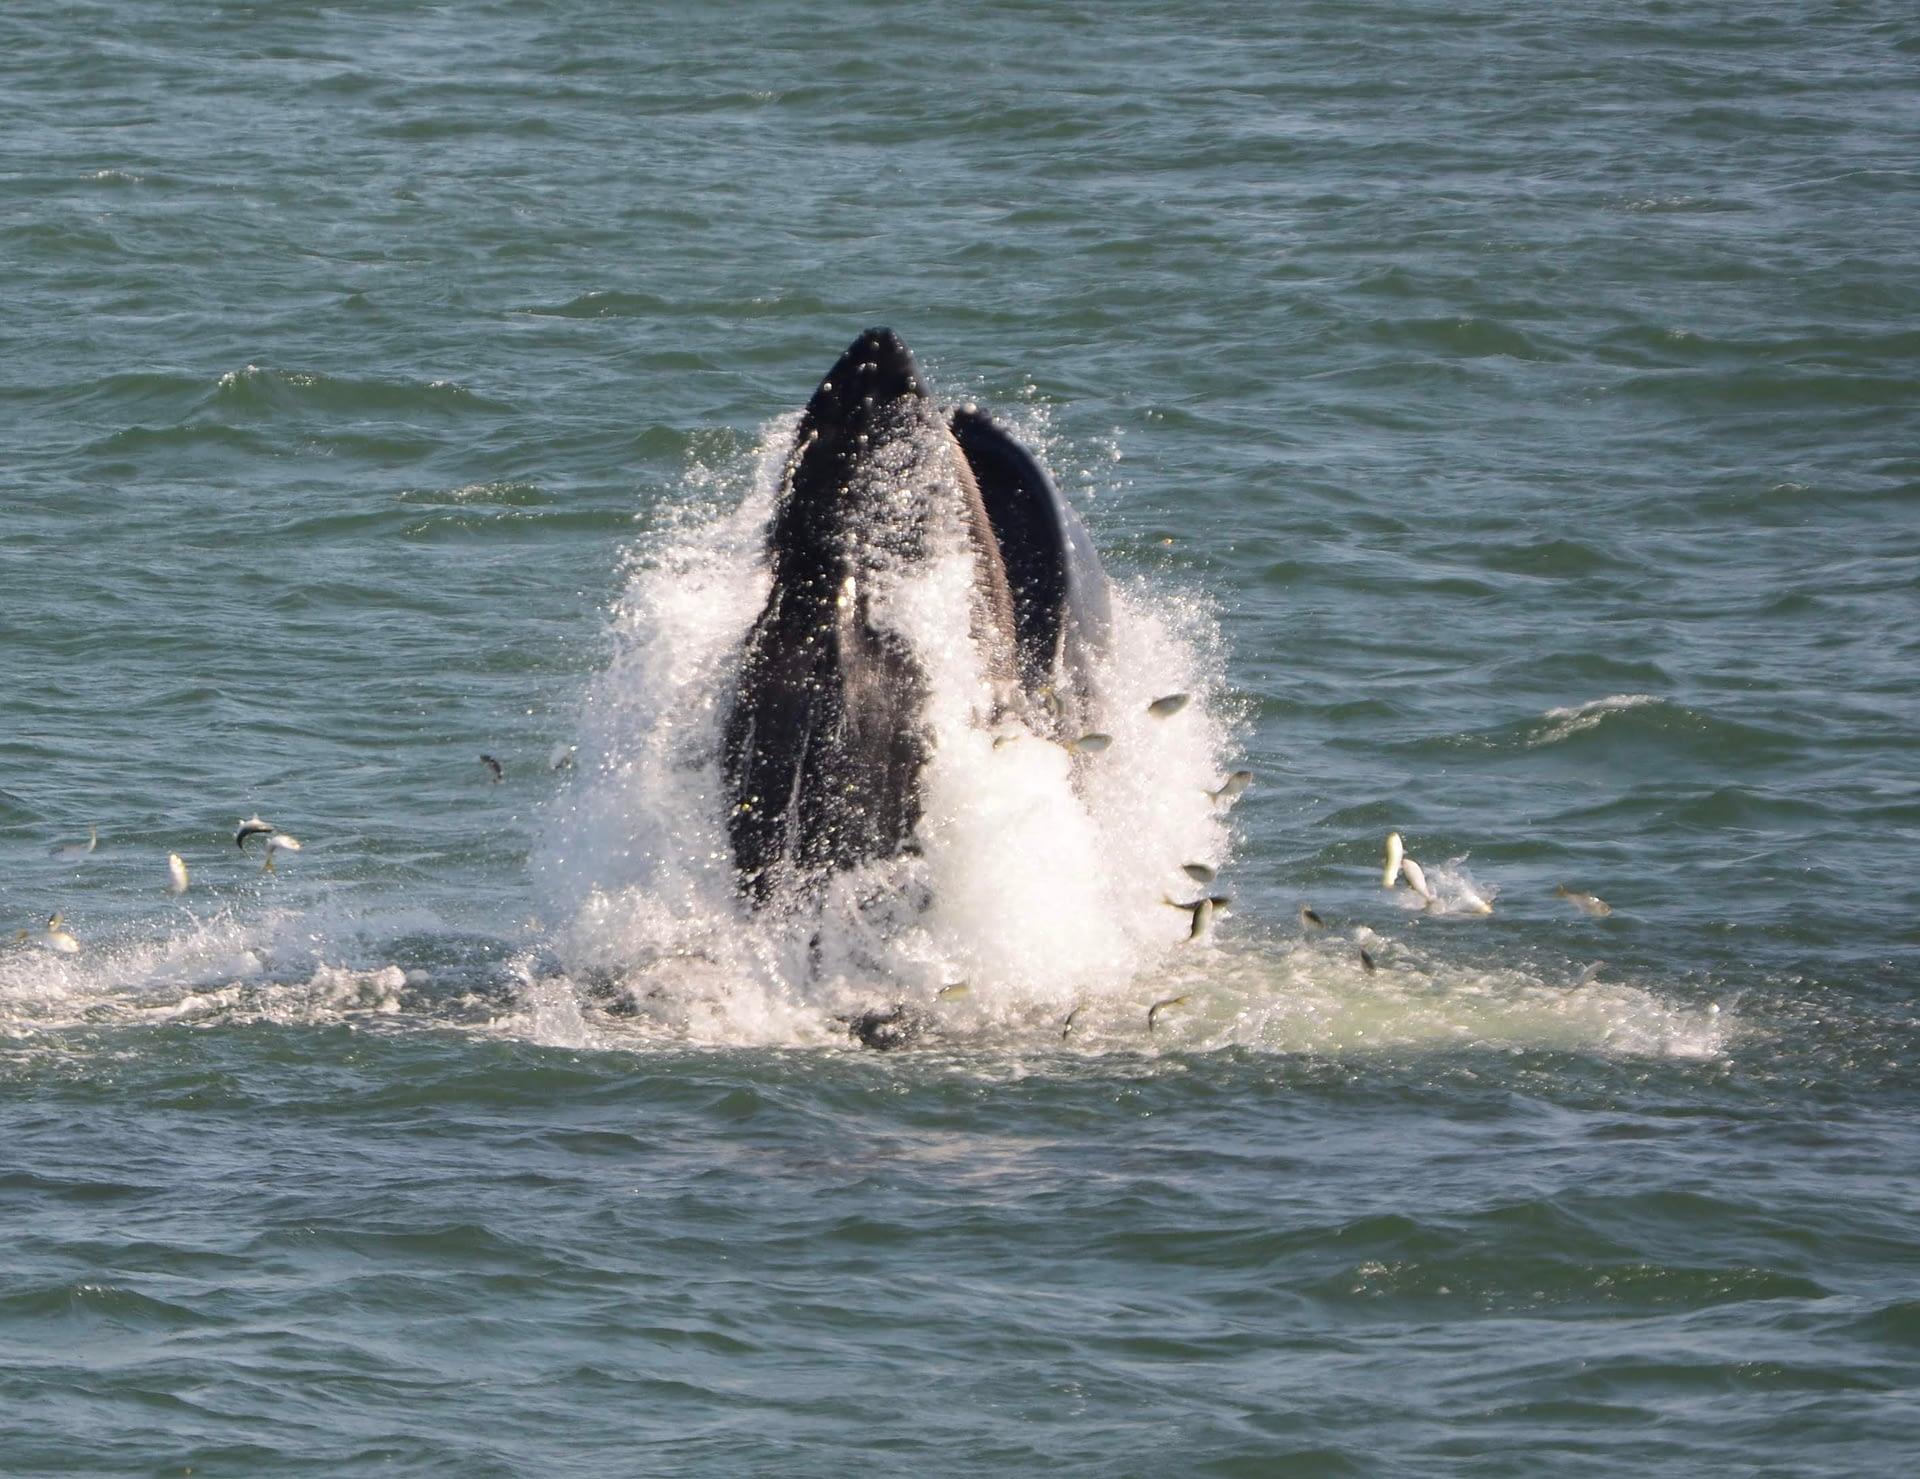 Humpback Whale 15 lunge feeding